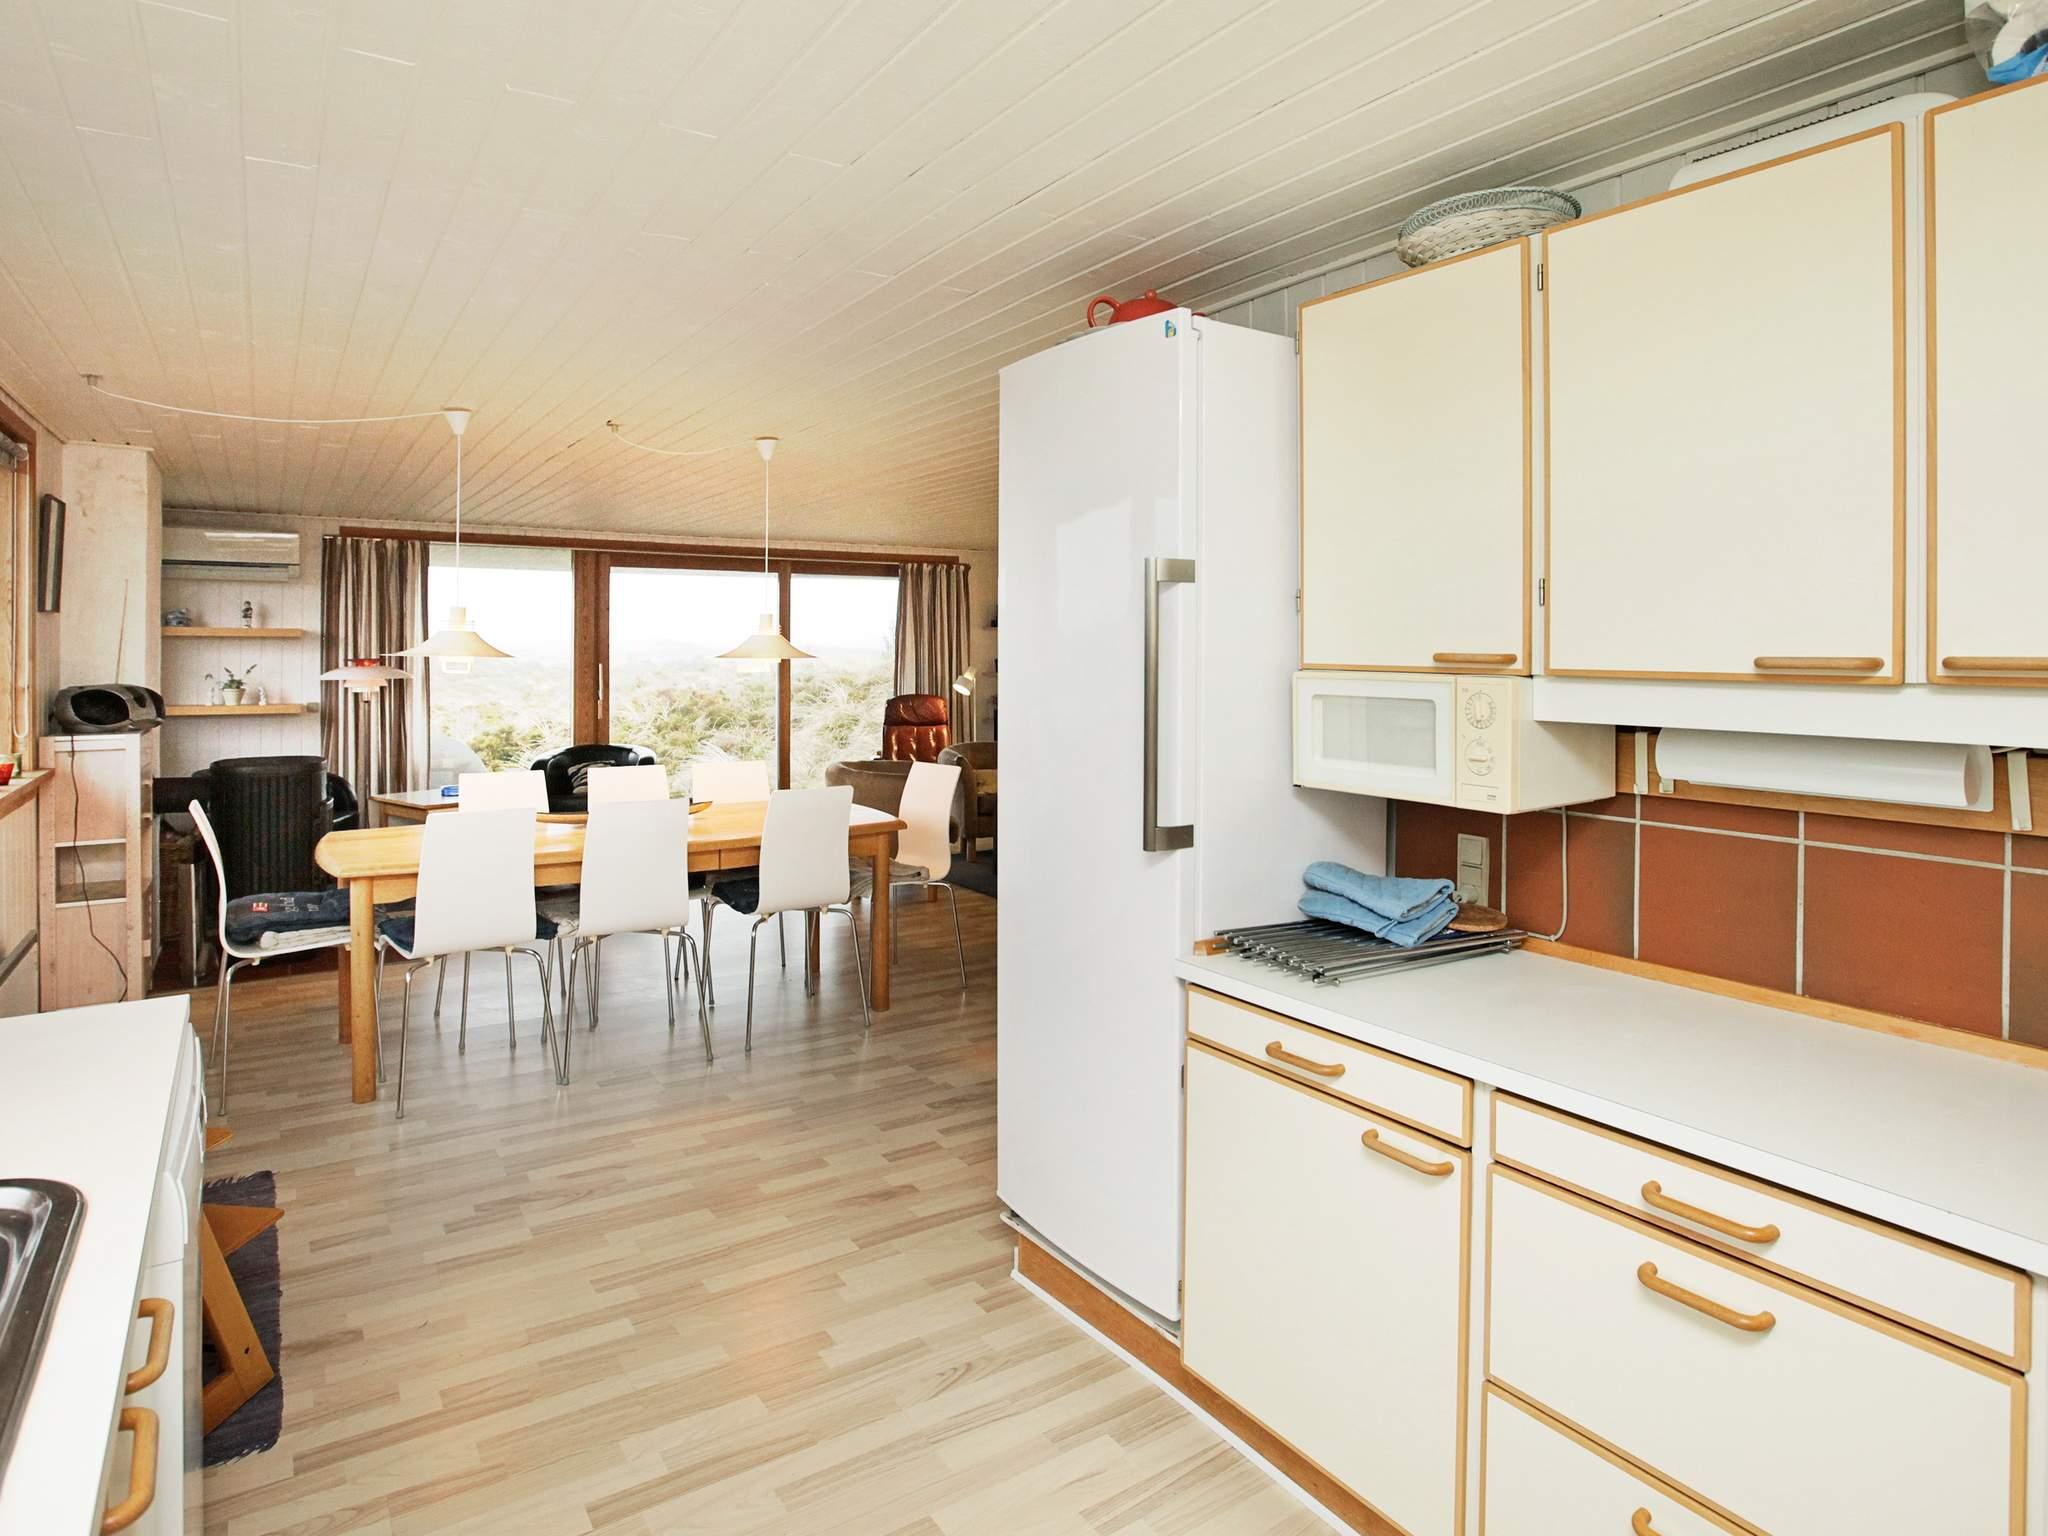 Ferienhaus Grærup (85193), Grærup, , Westjütland, Dänemark, Bild 6